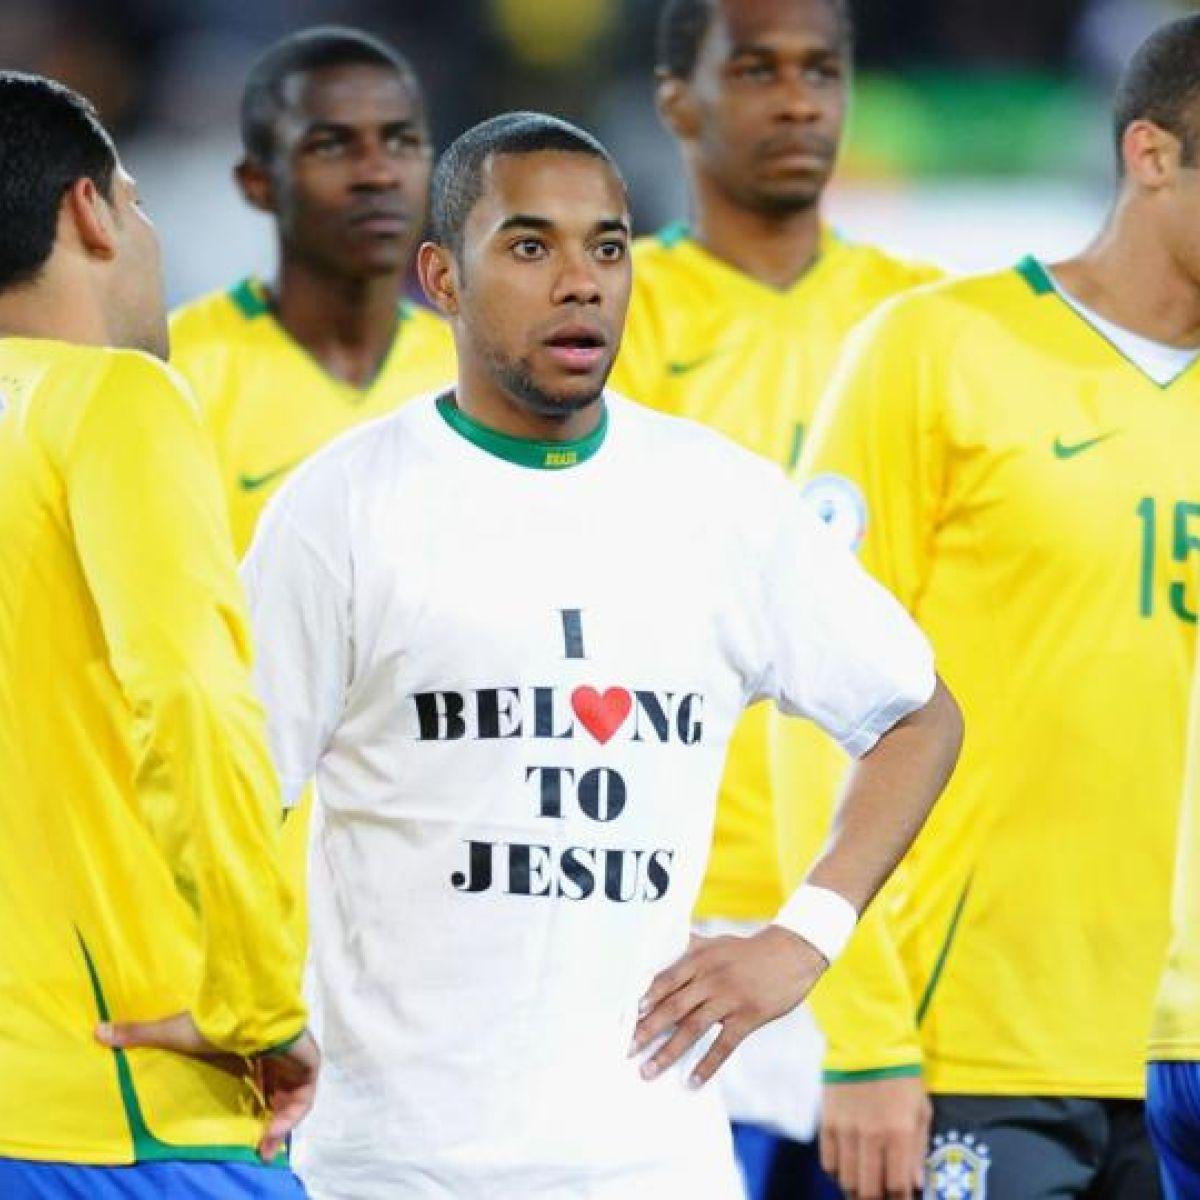 d540193ce51 Faith a rite of passage to world domination for devout Brazilians